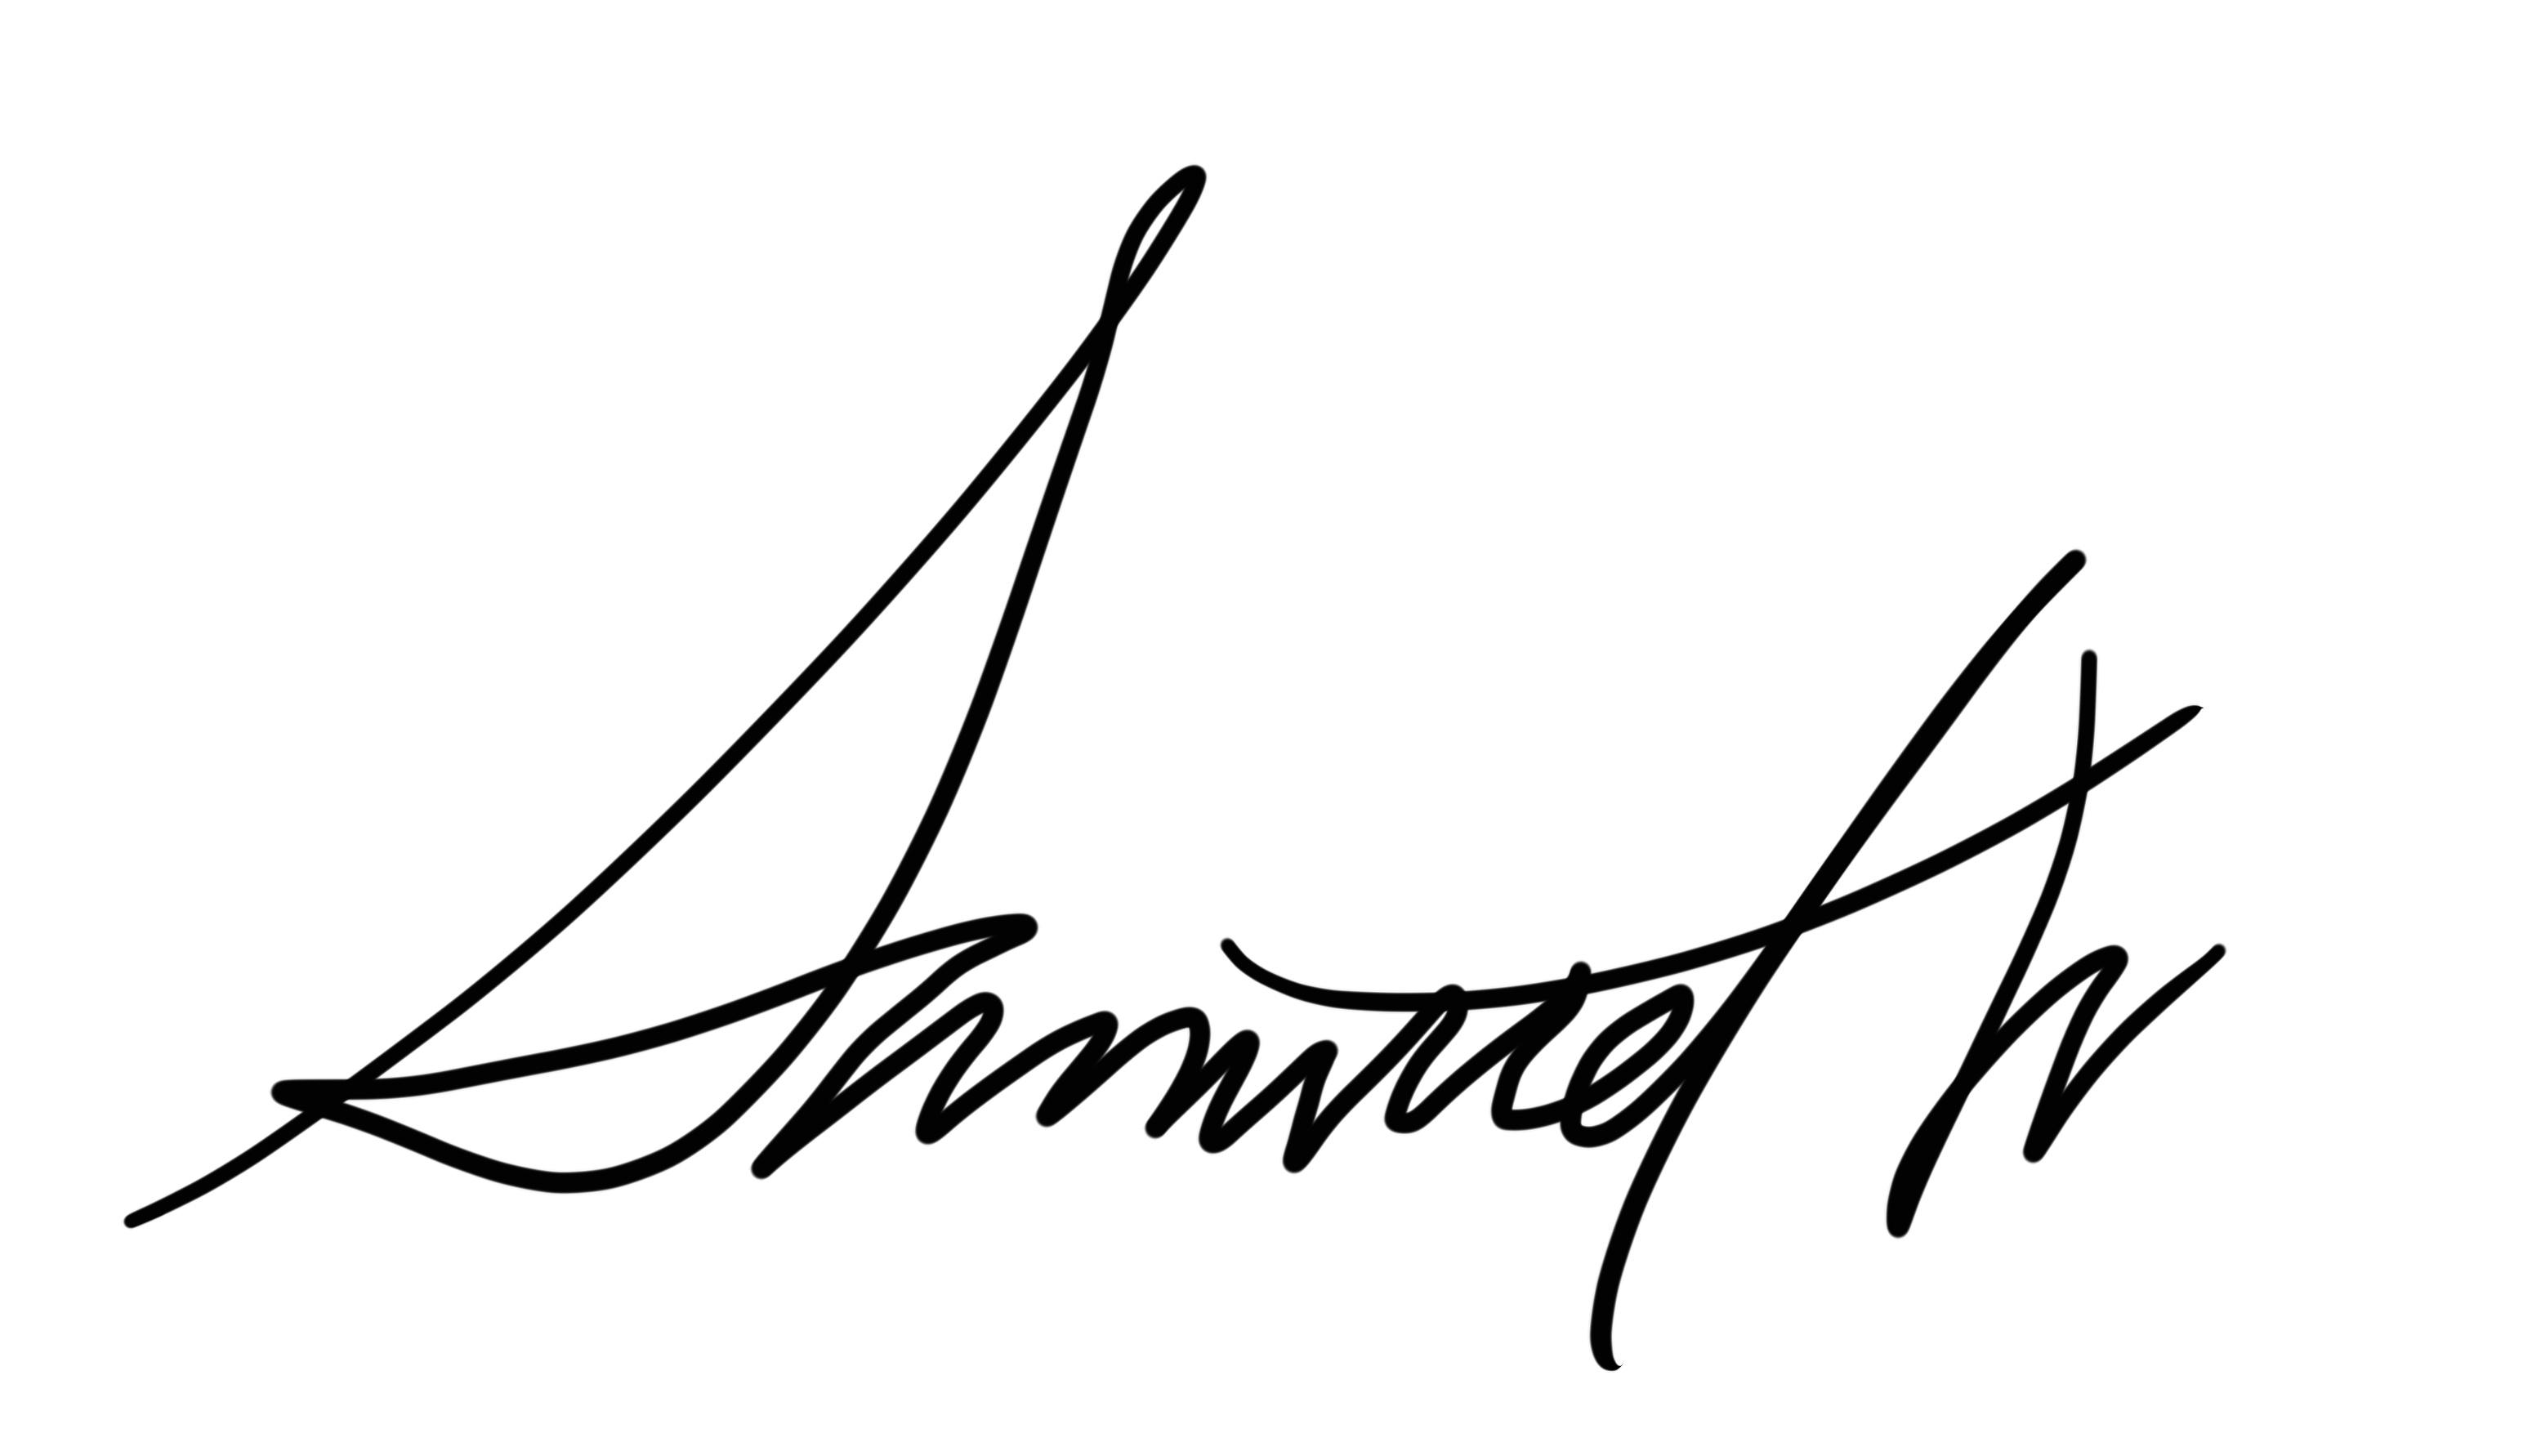 Samuel Wetmore's Signature